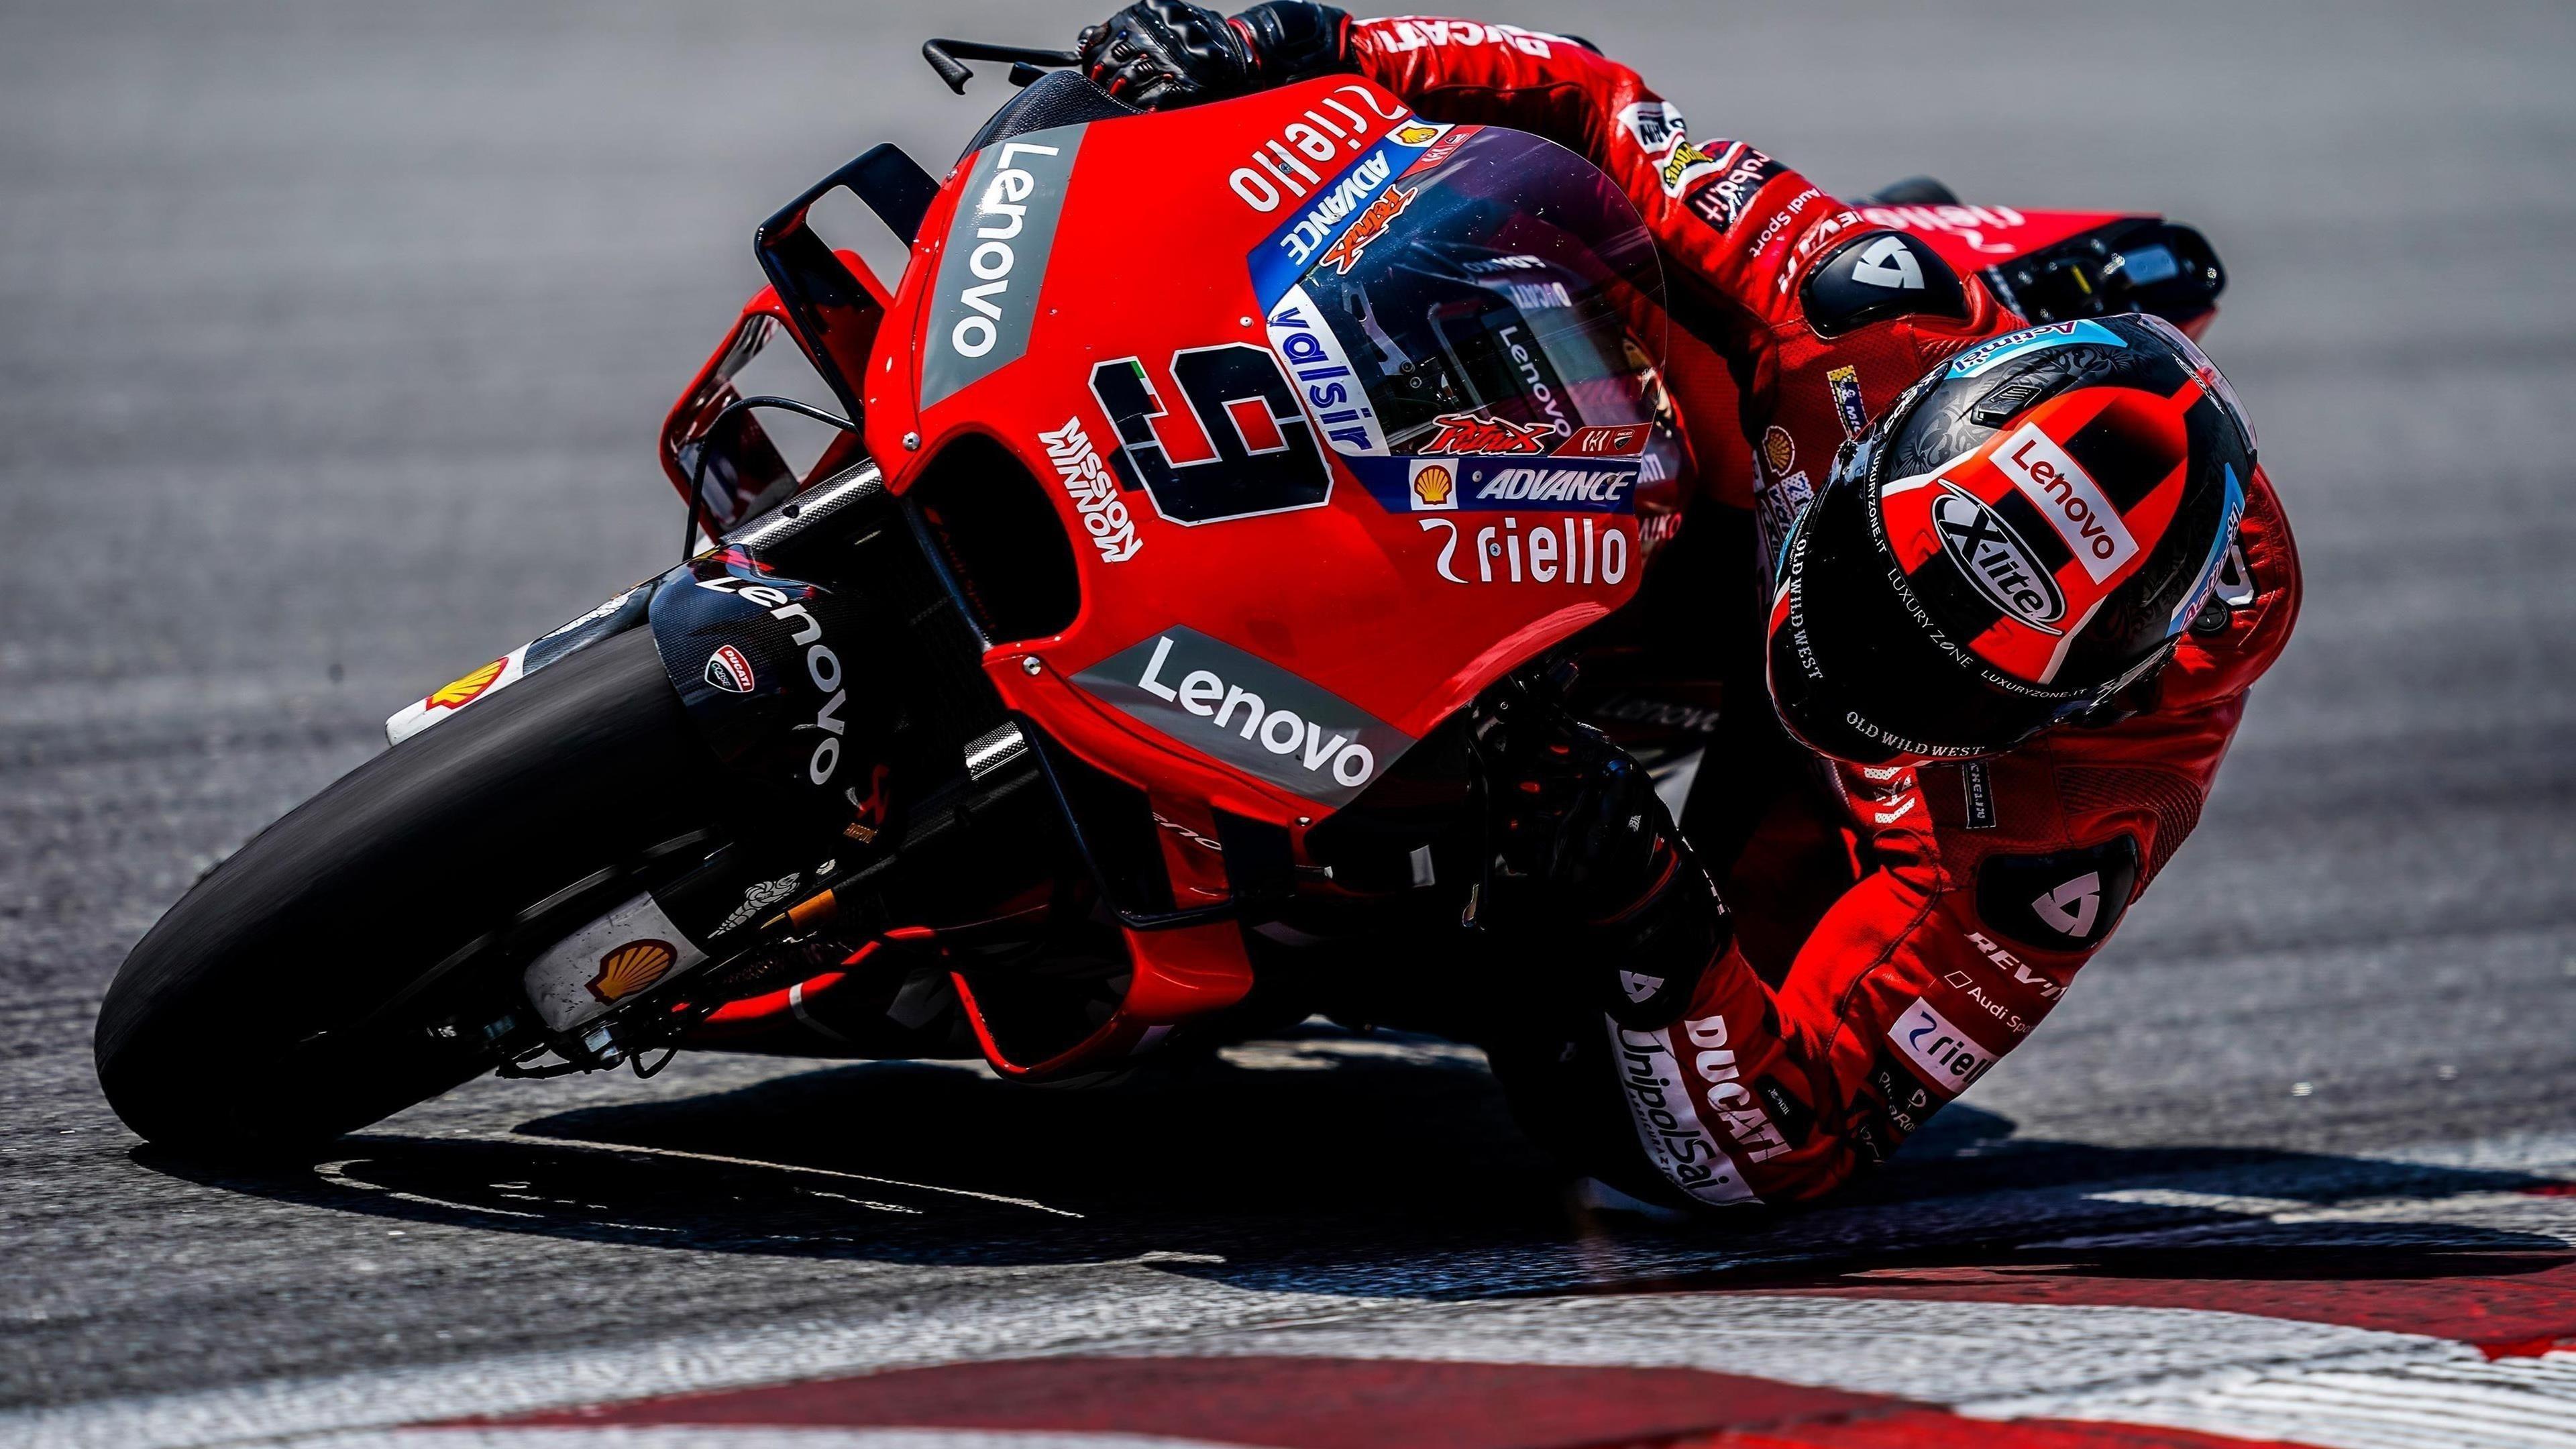 Ducati corse Данило Петруччи motogp обои скачать